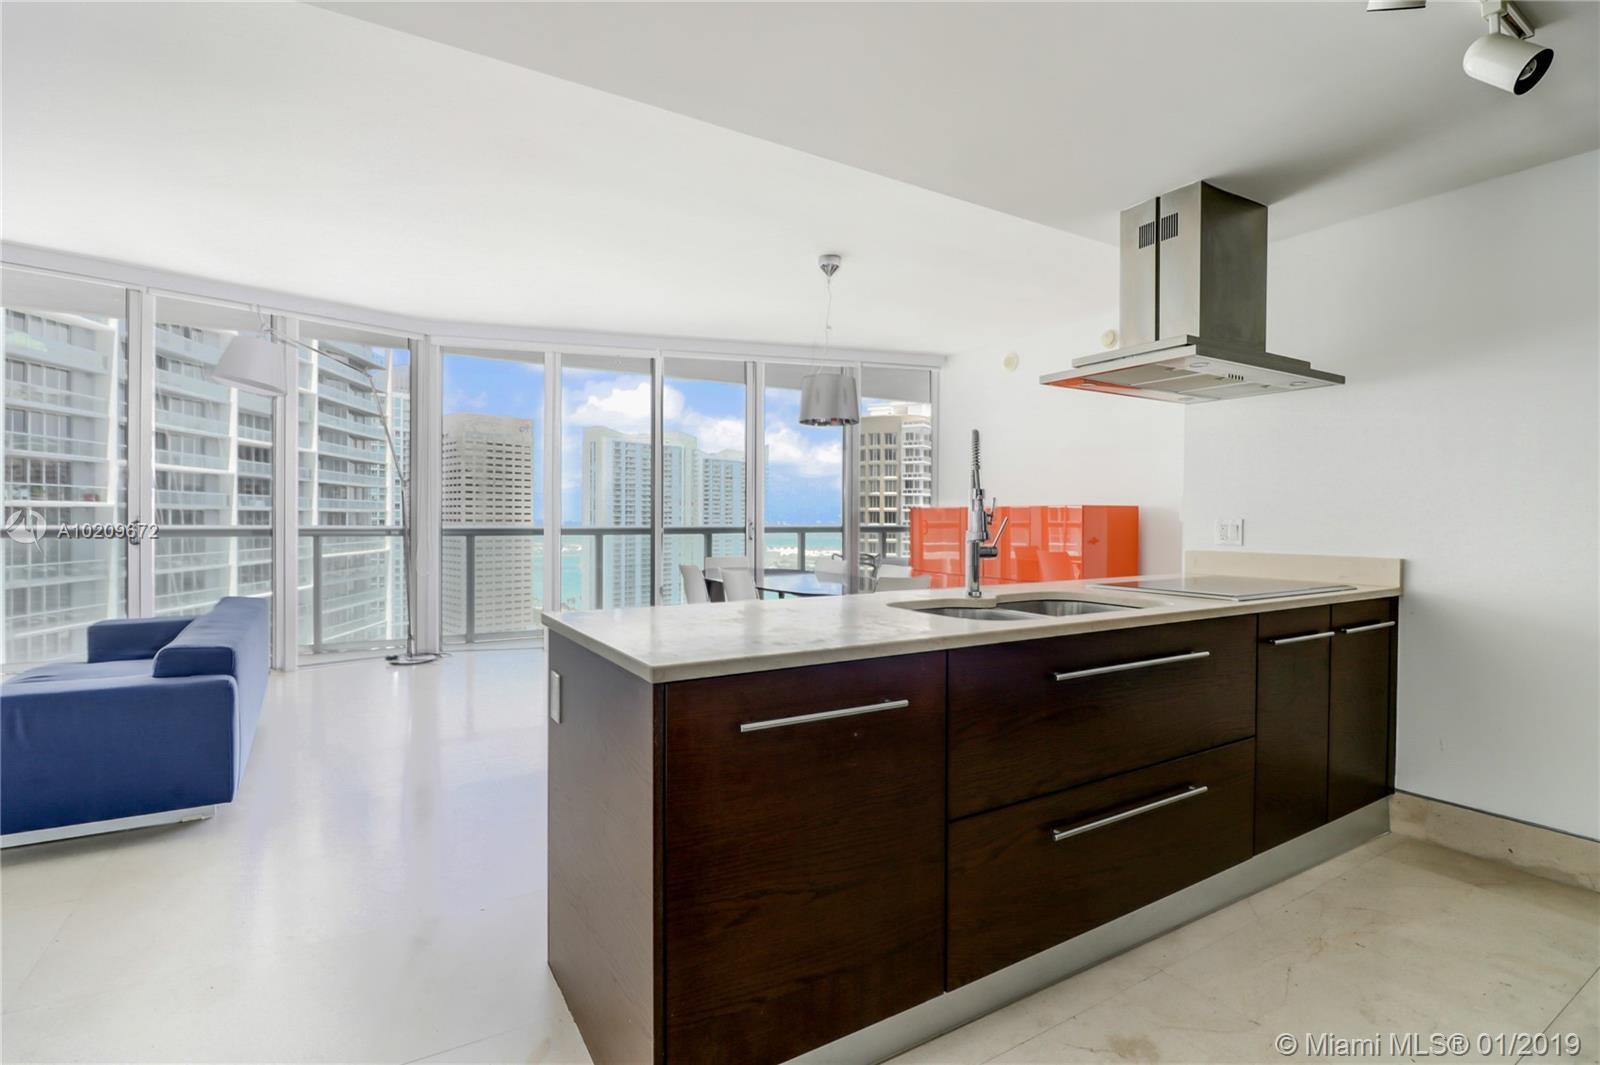 495 Brickell Ave, Miami, FL 33131, Icon Brickell II #2904, Brickell, Miami A10209672 image #2